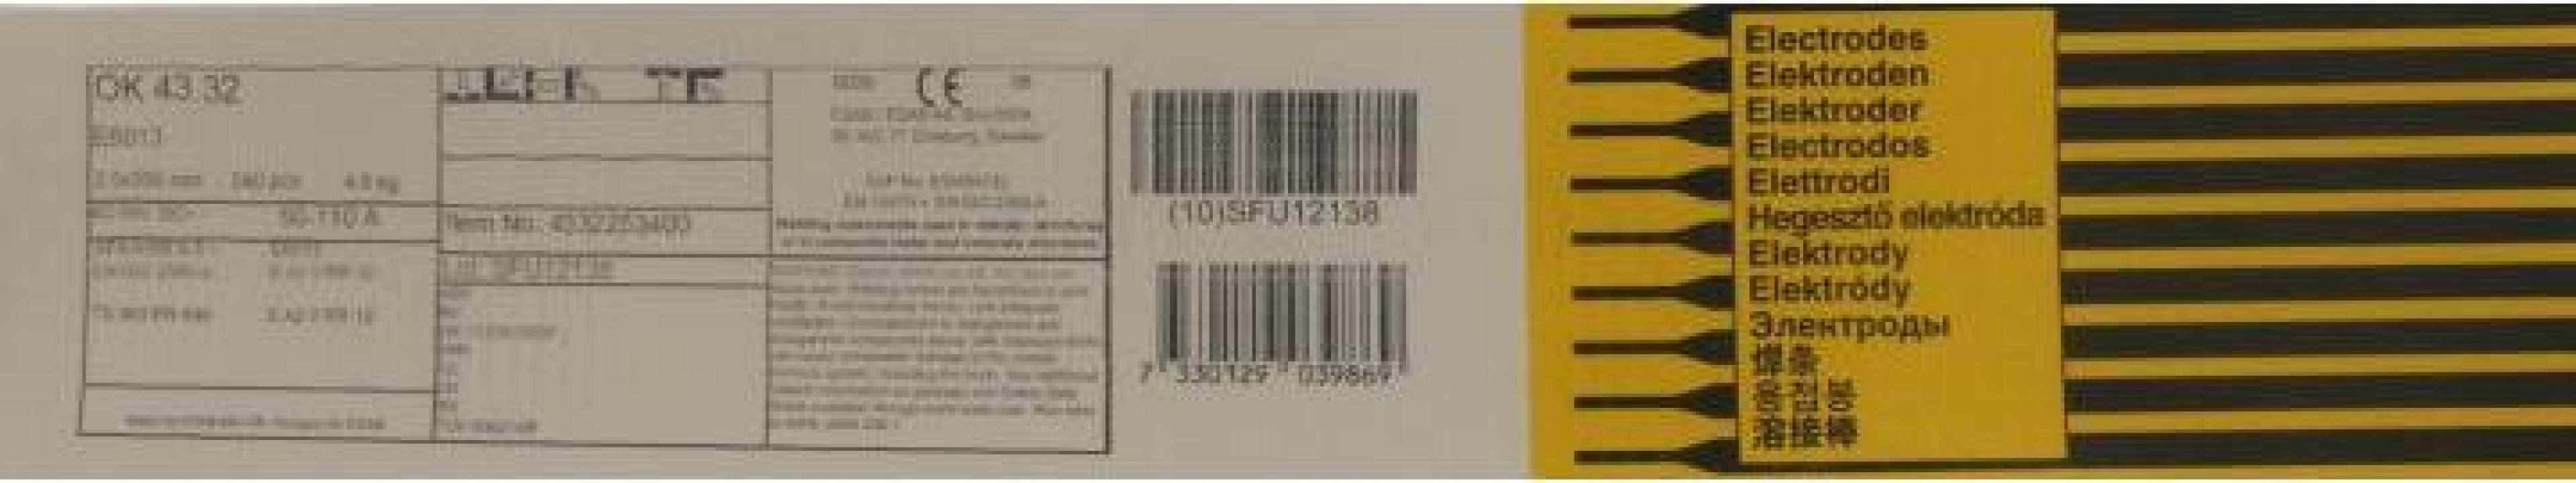 Electrozi rutilici OK 43.32, Esab, otel, 2.5x350mm, 4.8 kg